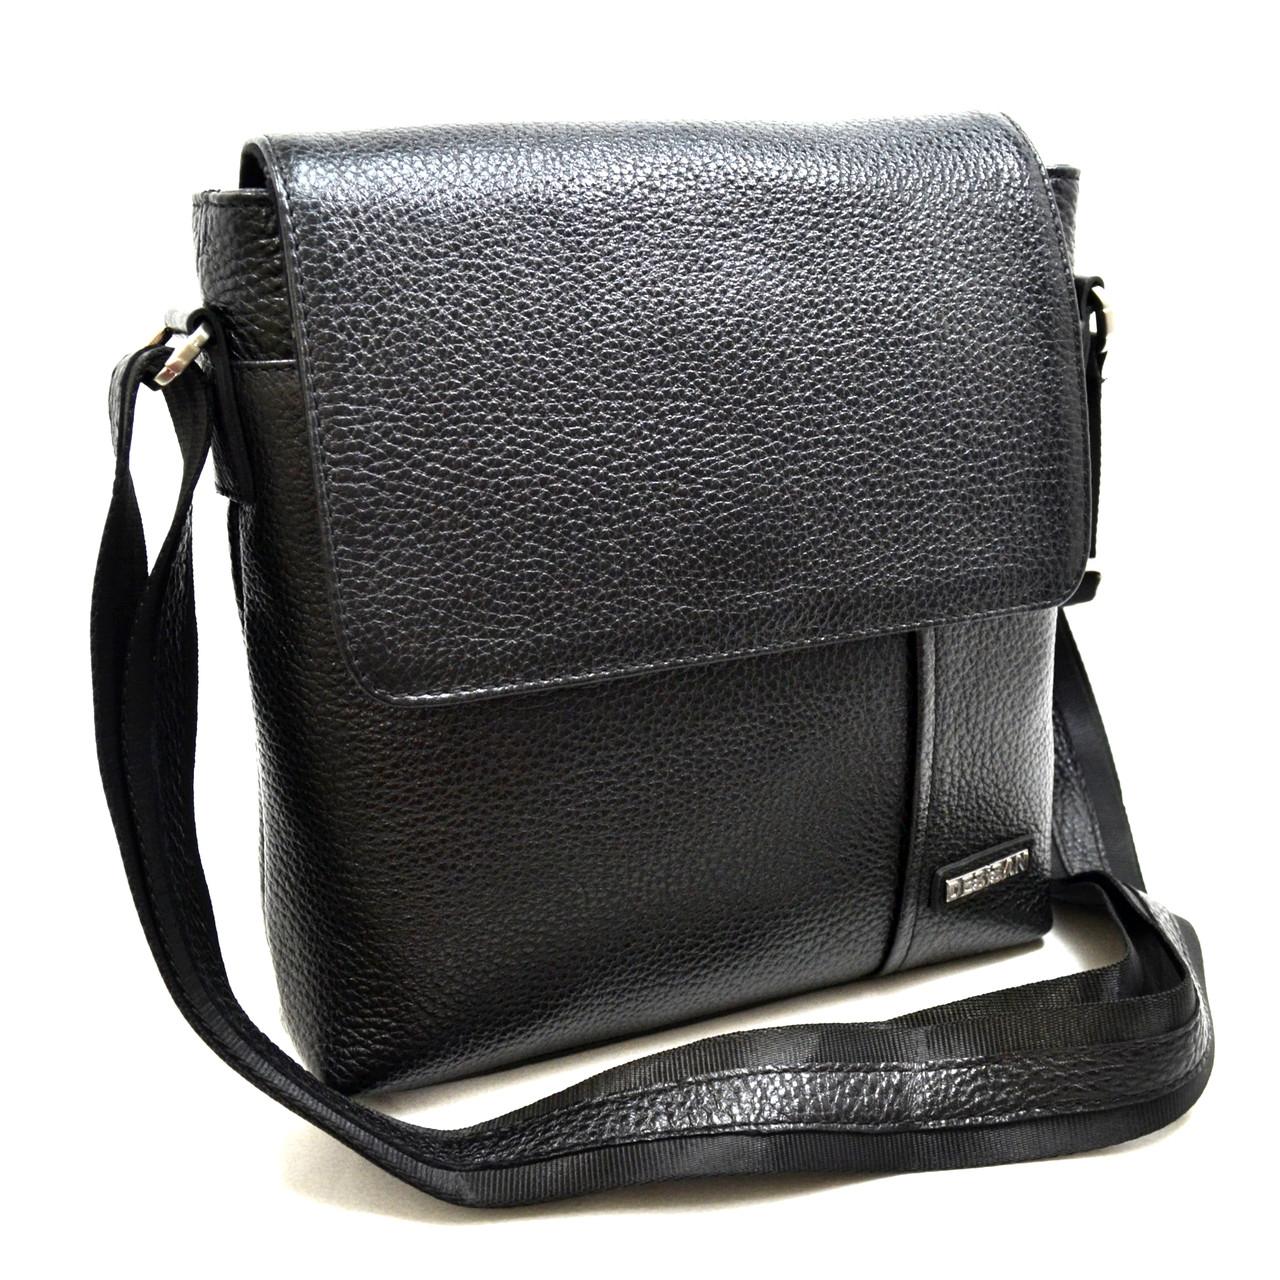 2e52eb12f6d1 Мужская сумка из натуральной кожи Desisan - Интернет-магазин